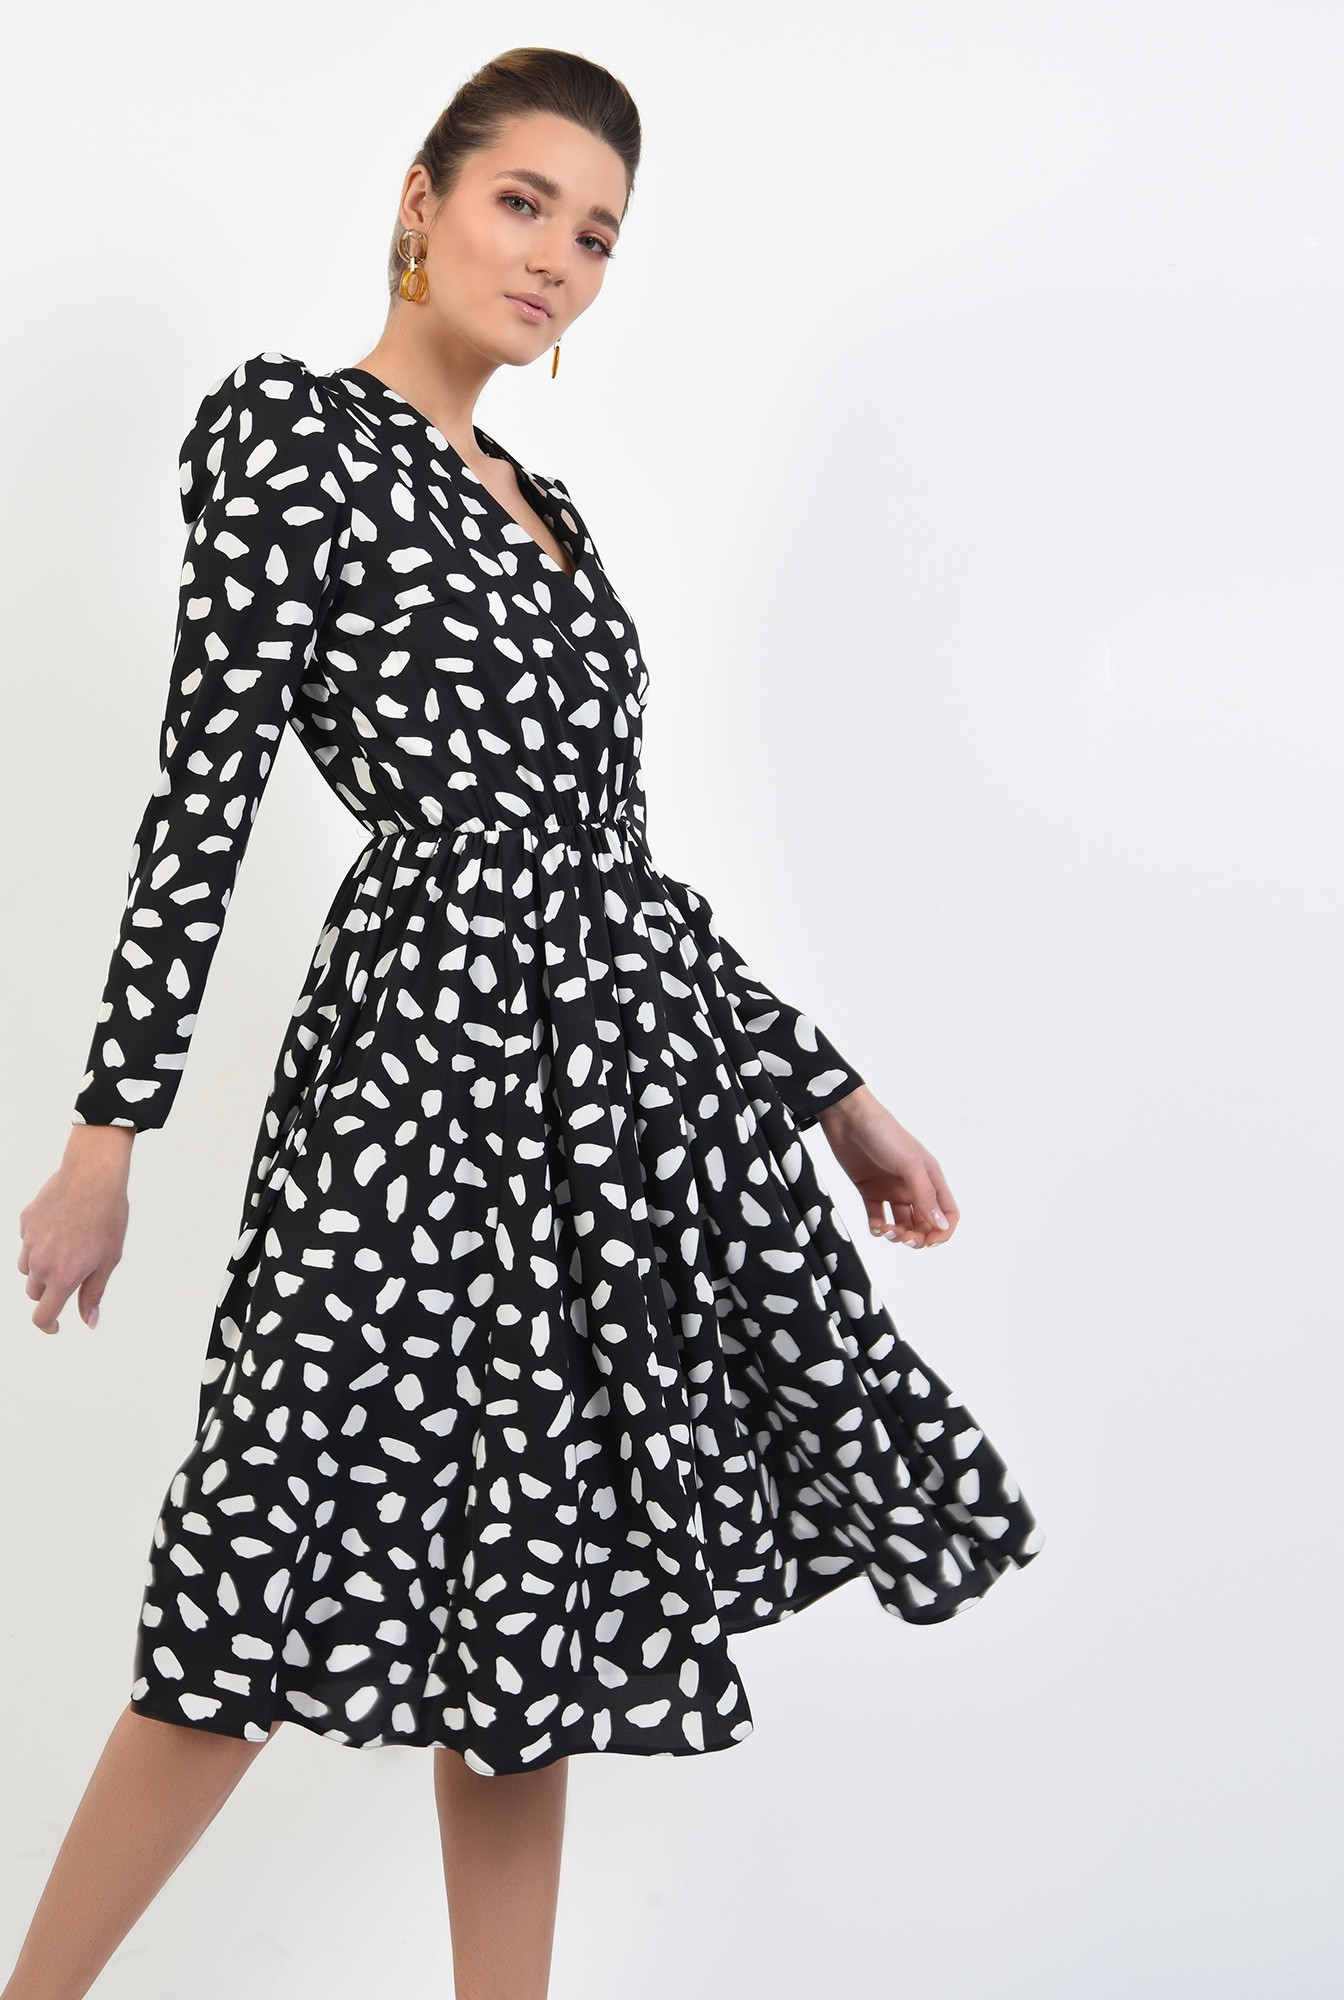 0 - rochie midi, evazata, cu imprimeu, alb-negru, decolteu petrecut